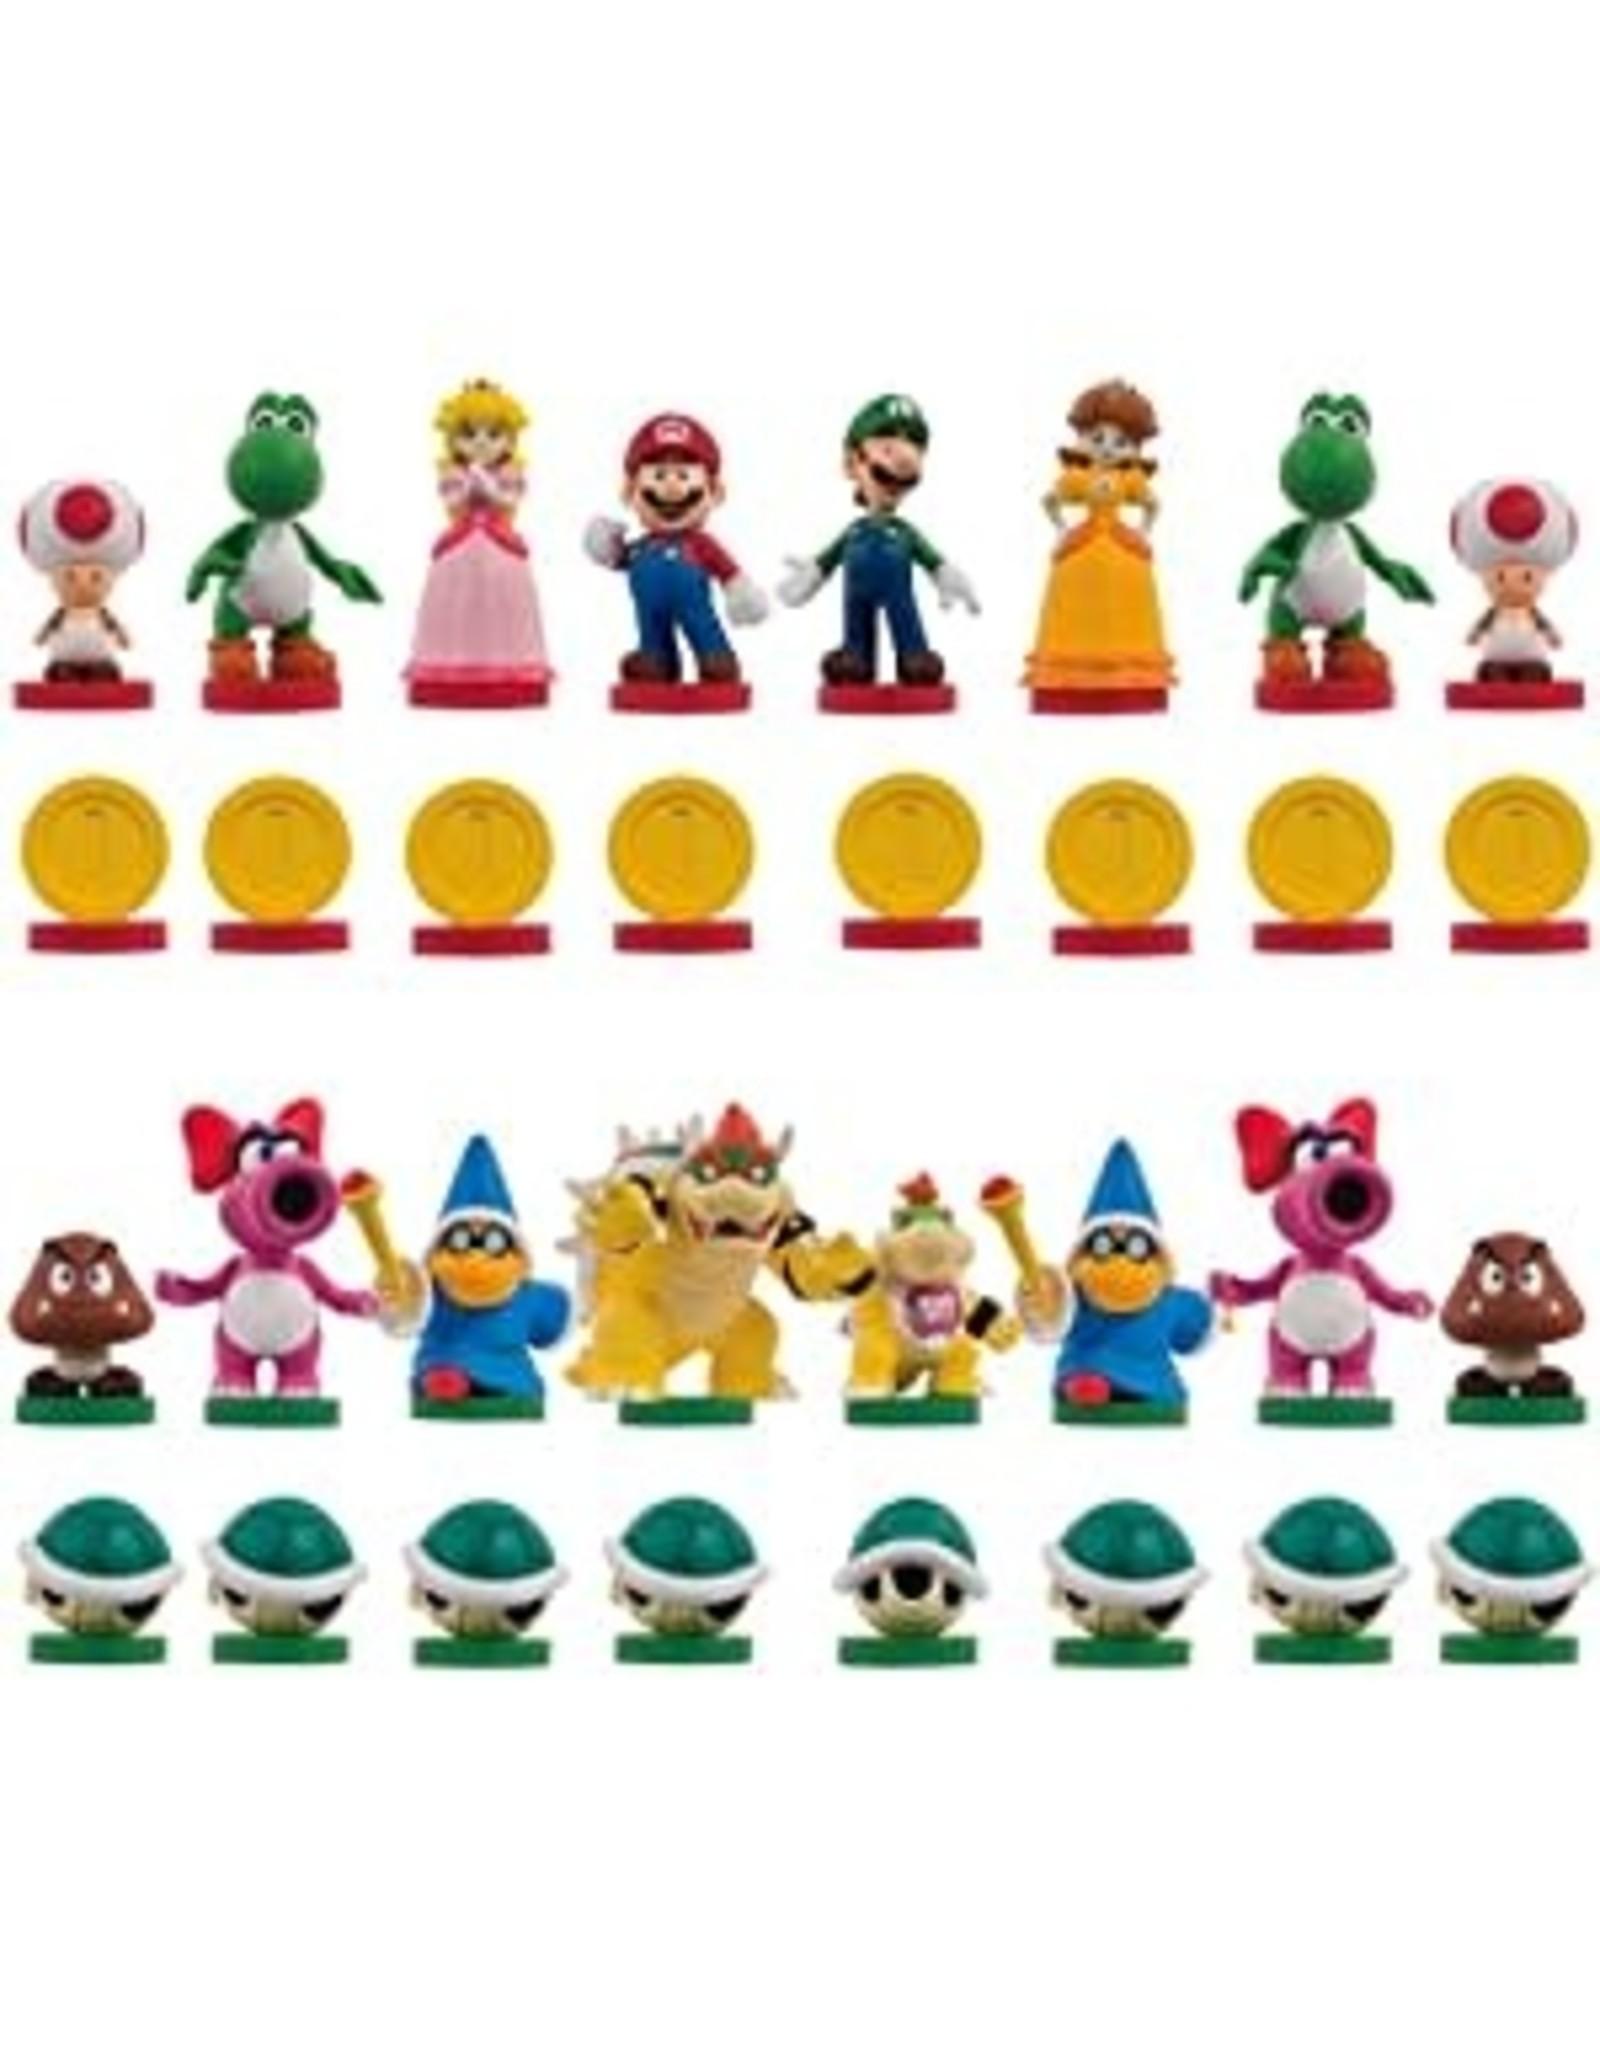 Chess: Super Mario Collectors Edition